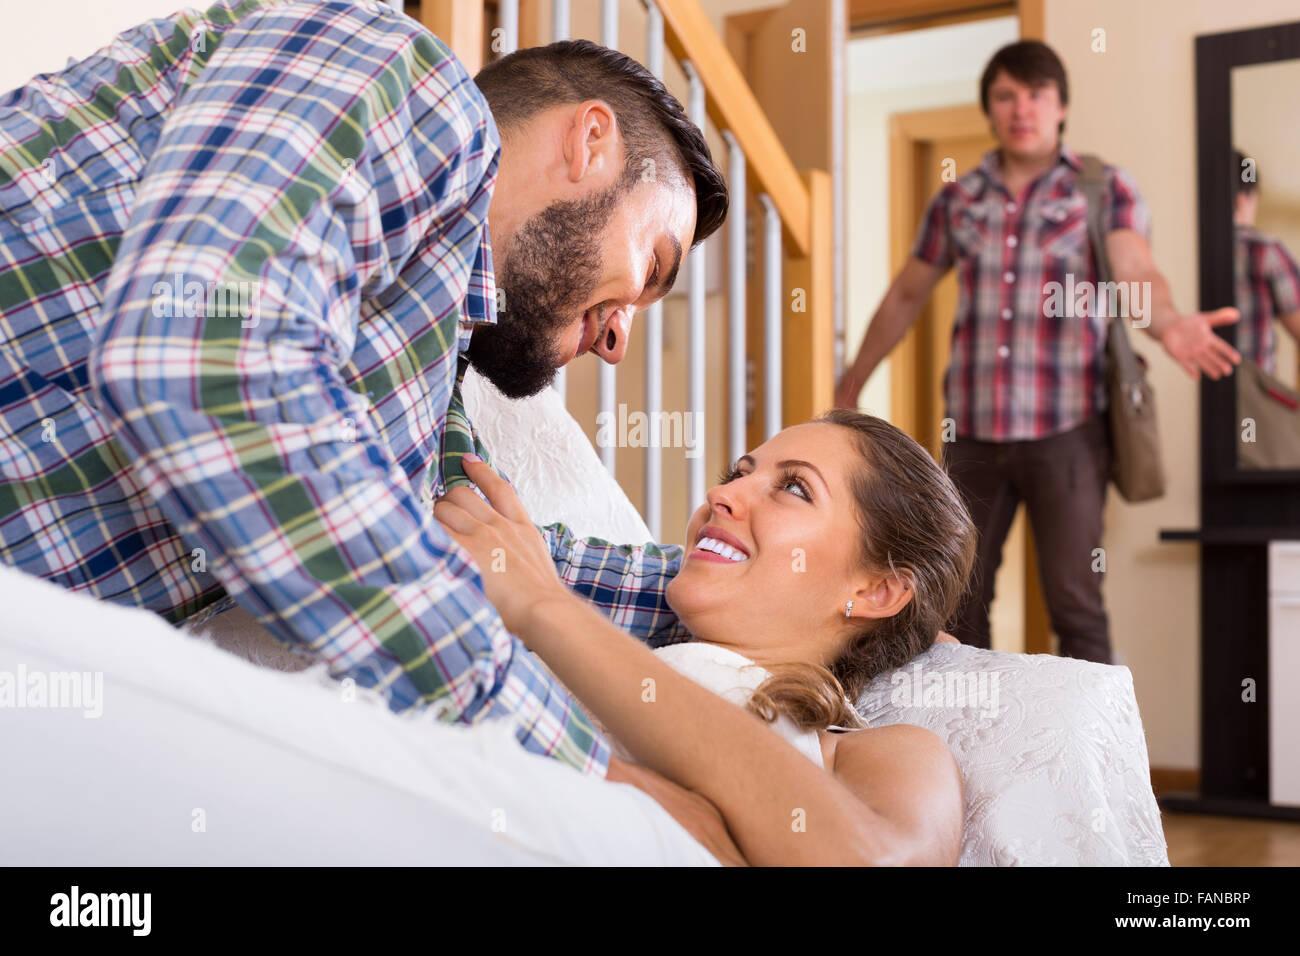 Wie man einen betrügenden Ehepartner auf Dating-Seiten erwischt Dating Hiv positive Kerl